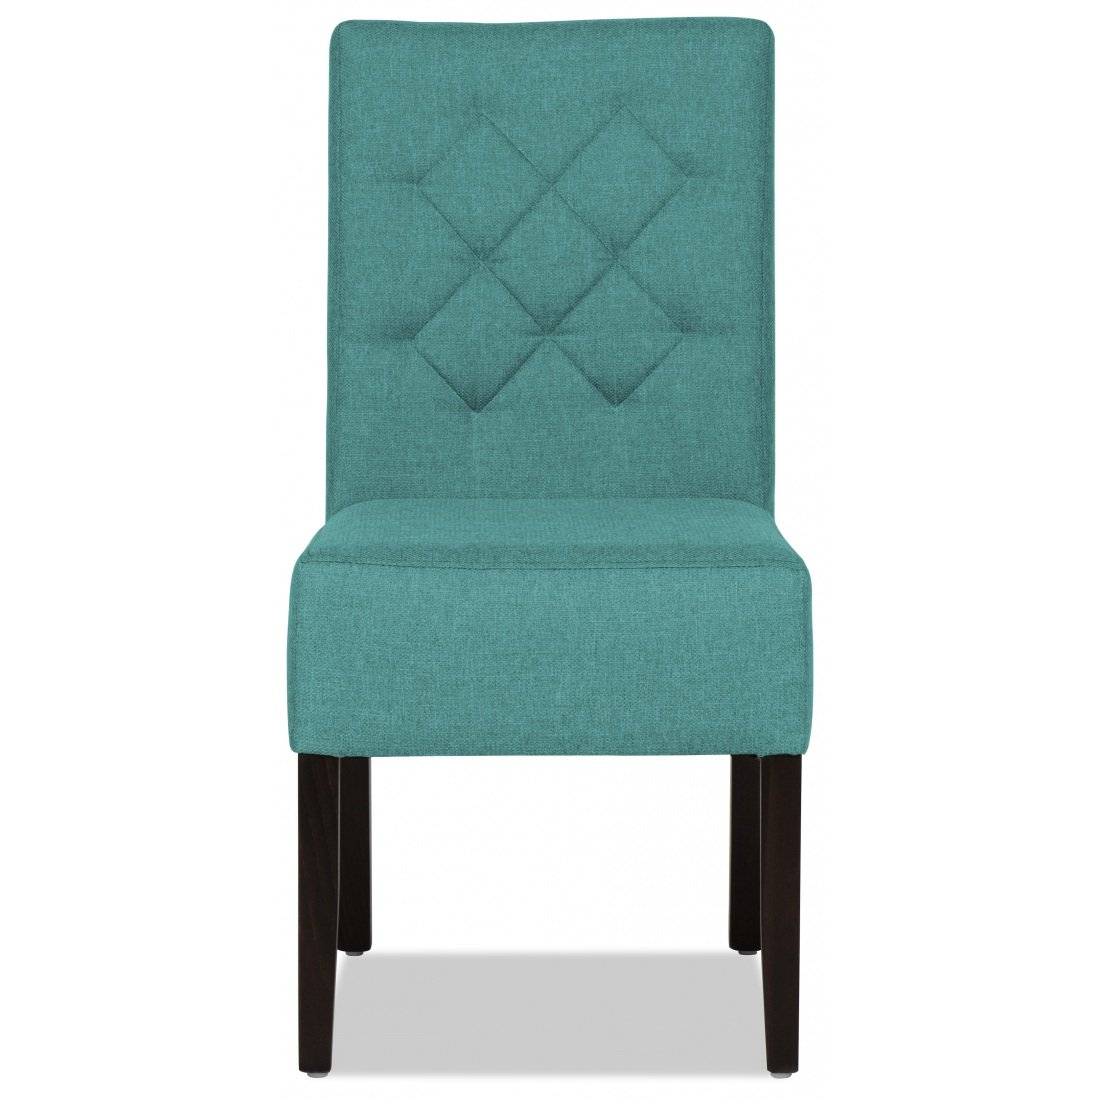 Esszimmerstuhl Türkis Stuhl Stühle Küchenstühle Essgruppe: Amazon.de ...